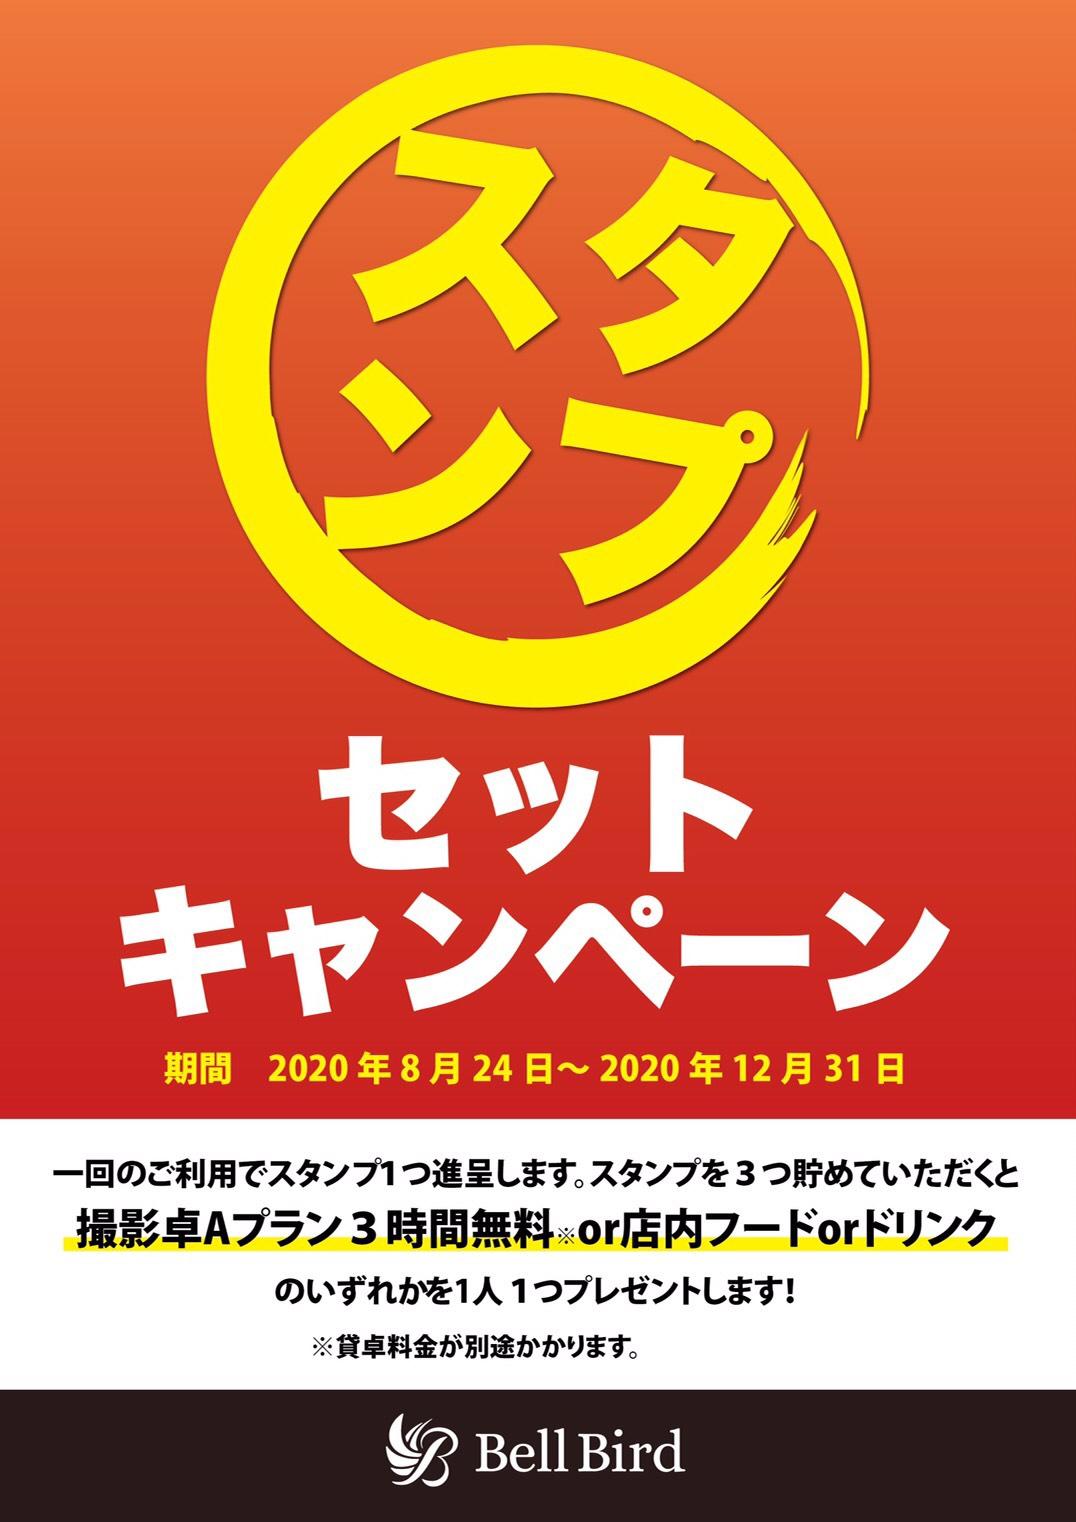 【お知らせ】セットキャンペーン開始!